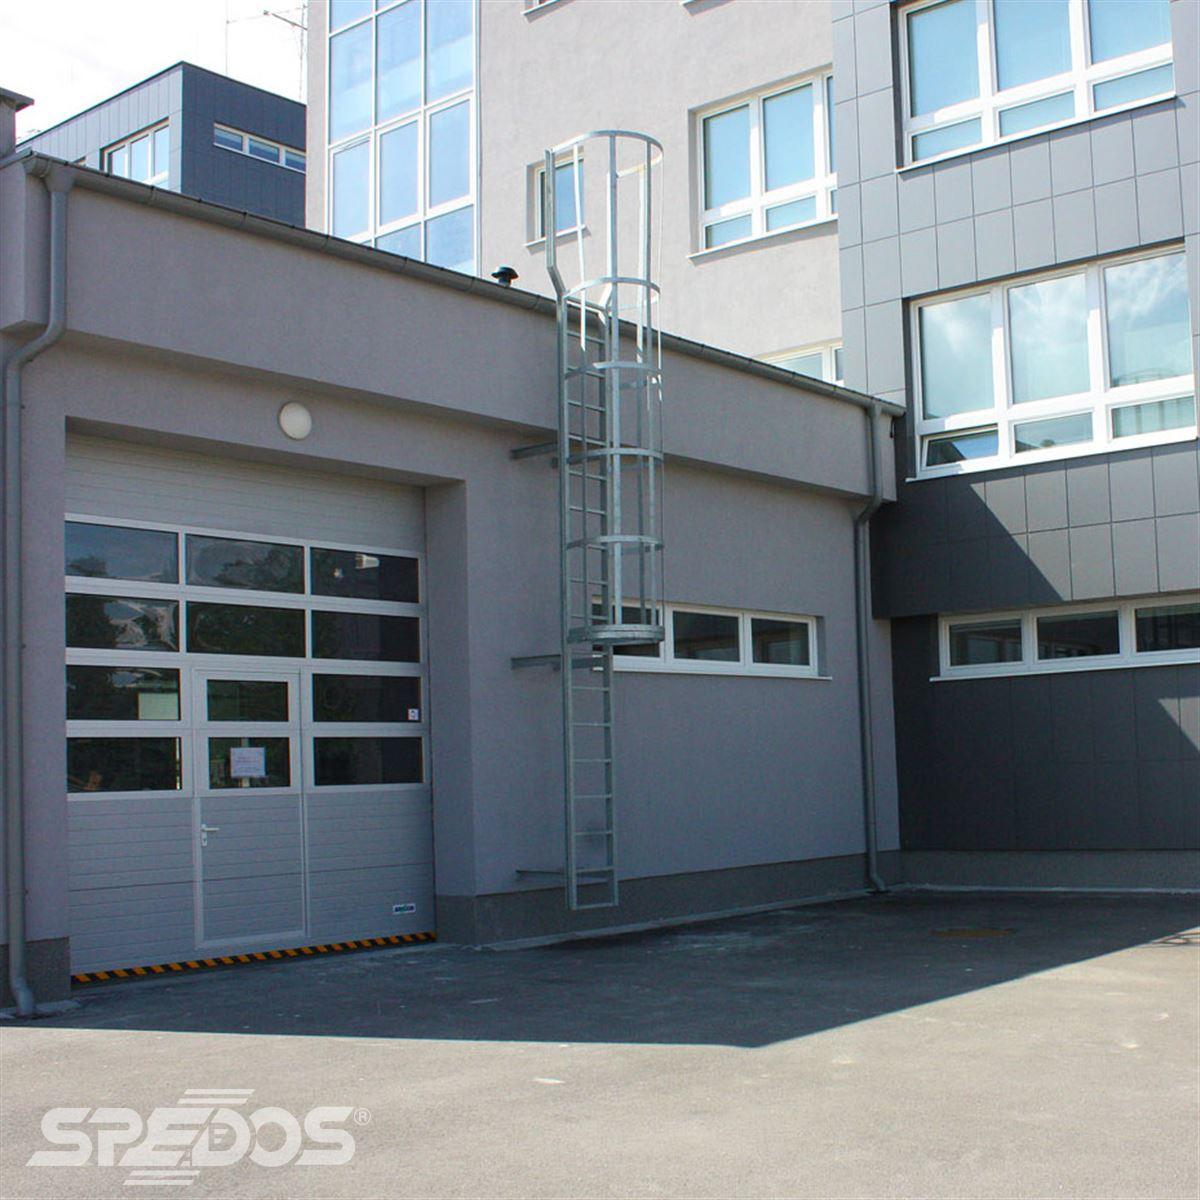 Dvoukřídlé automatické dveře posuvné v Žilinské univerzitě 9